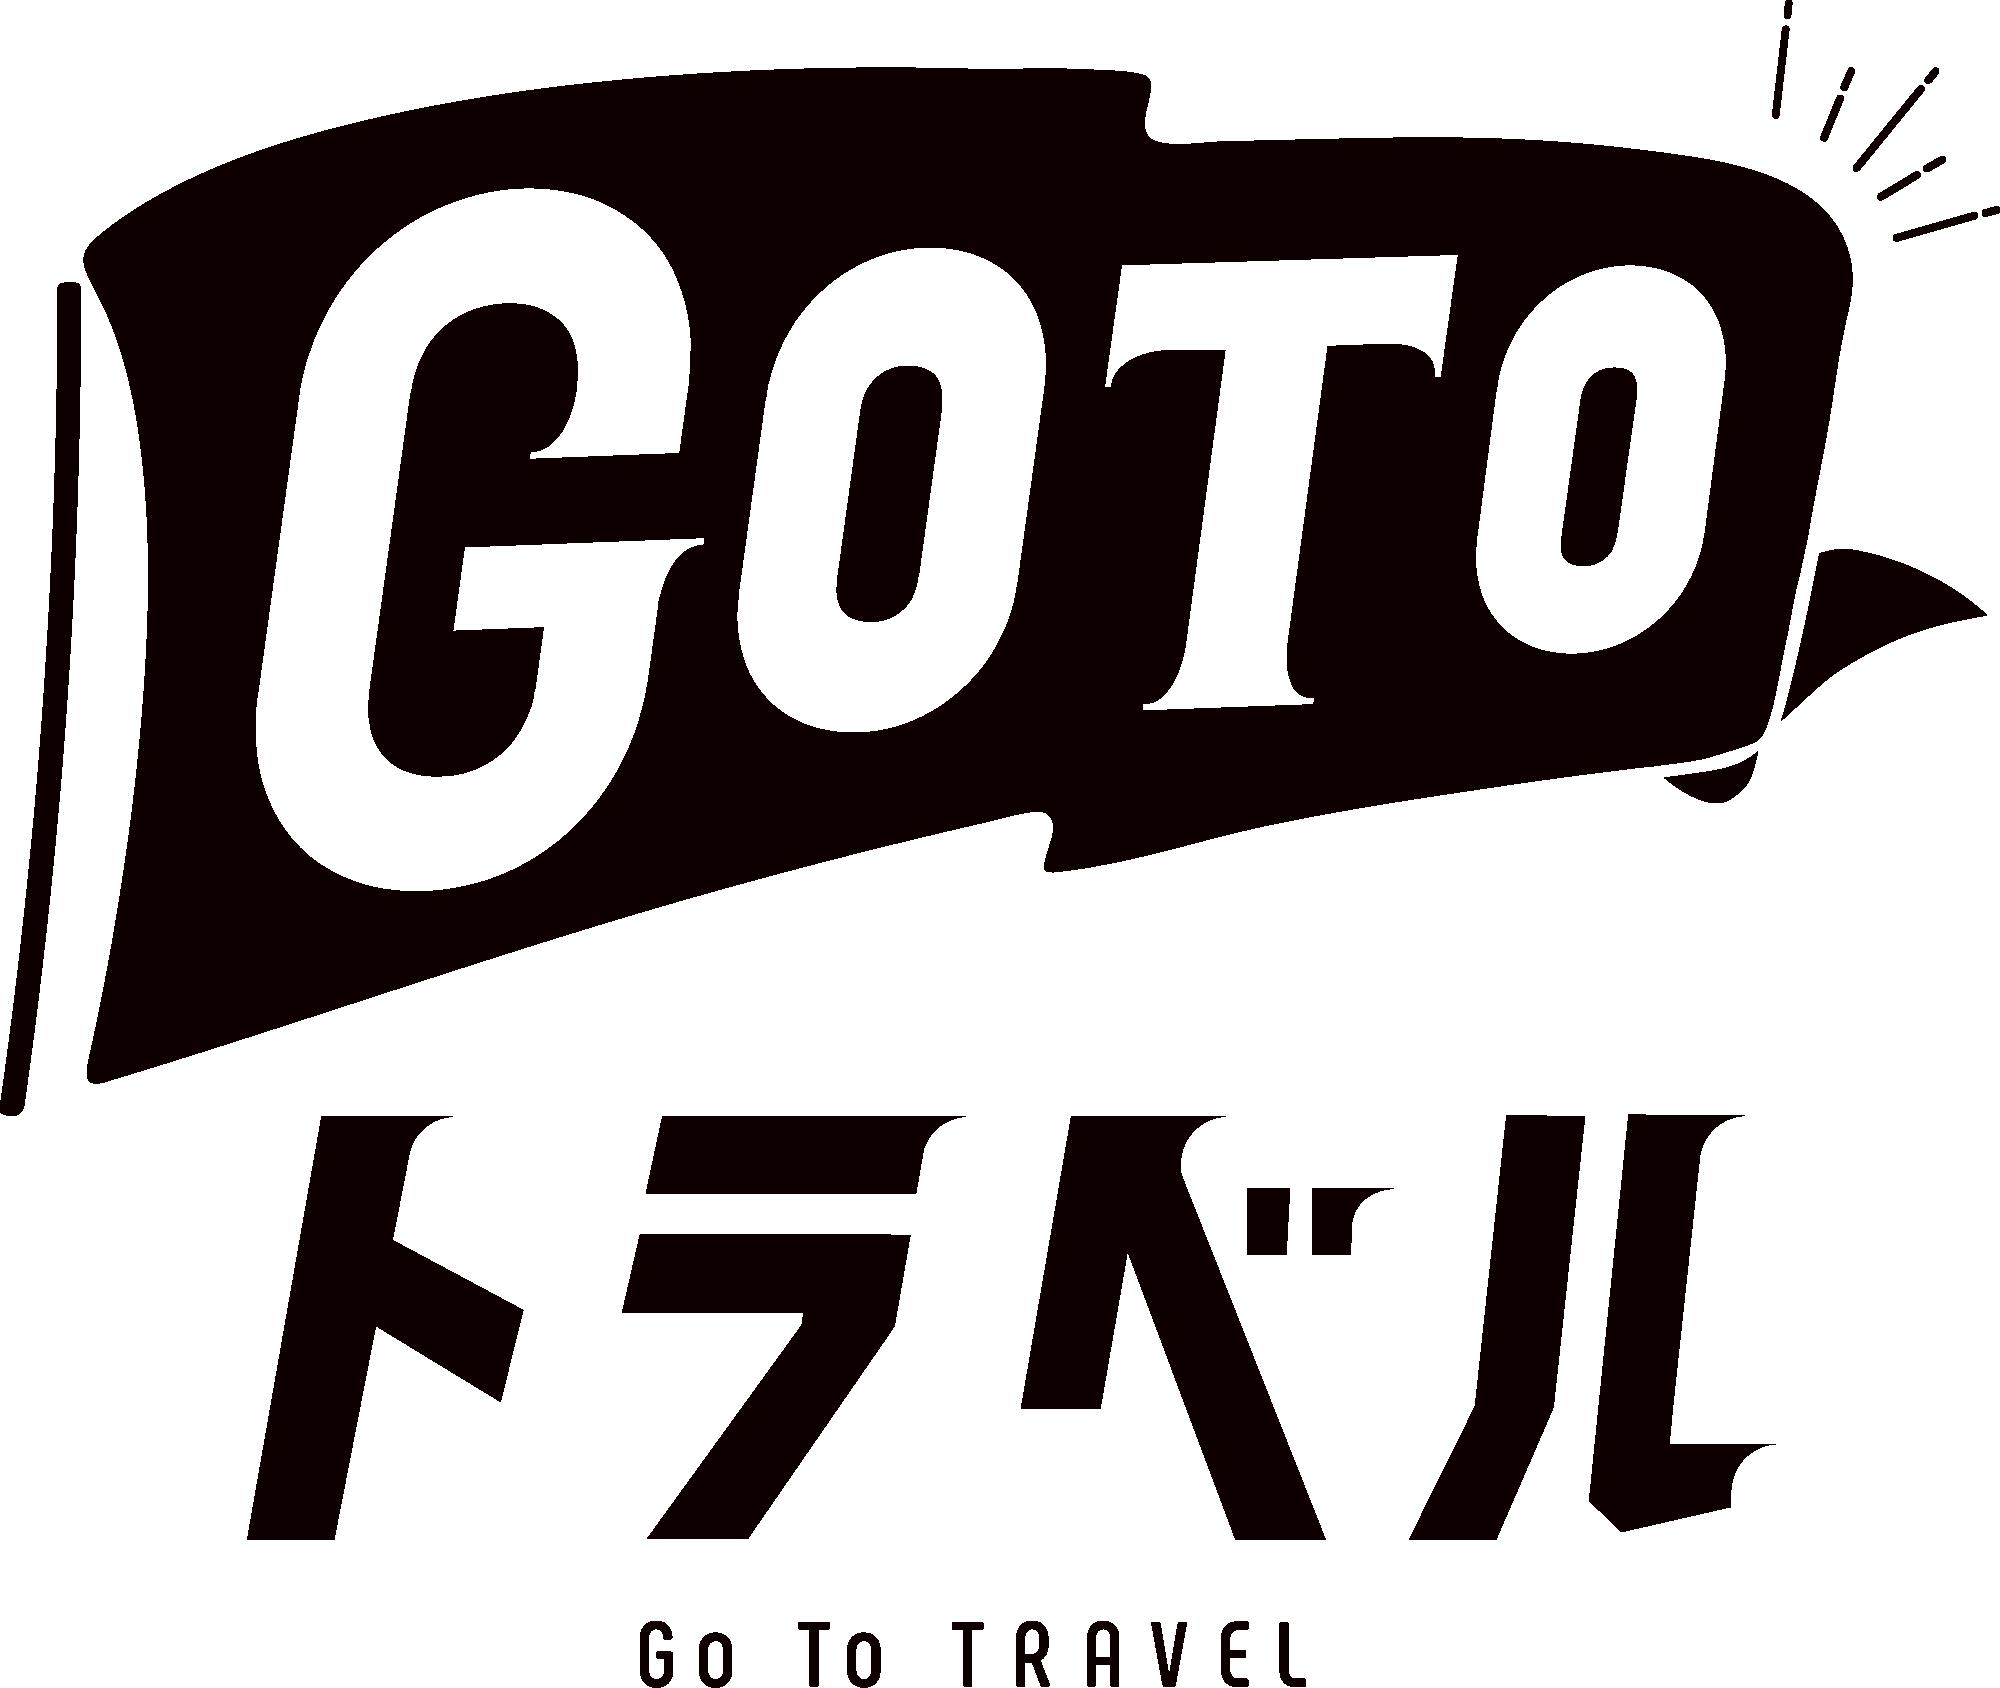 GO TO トラベルのロゴ